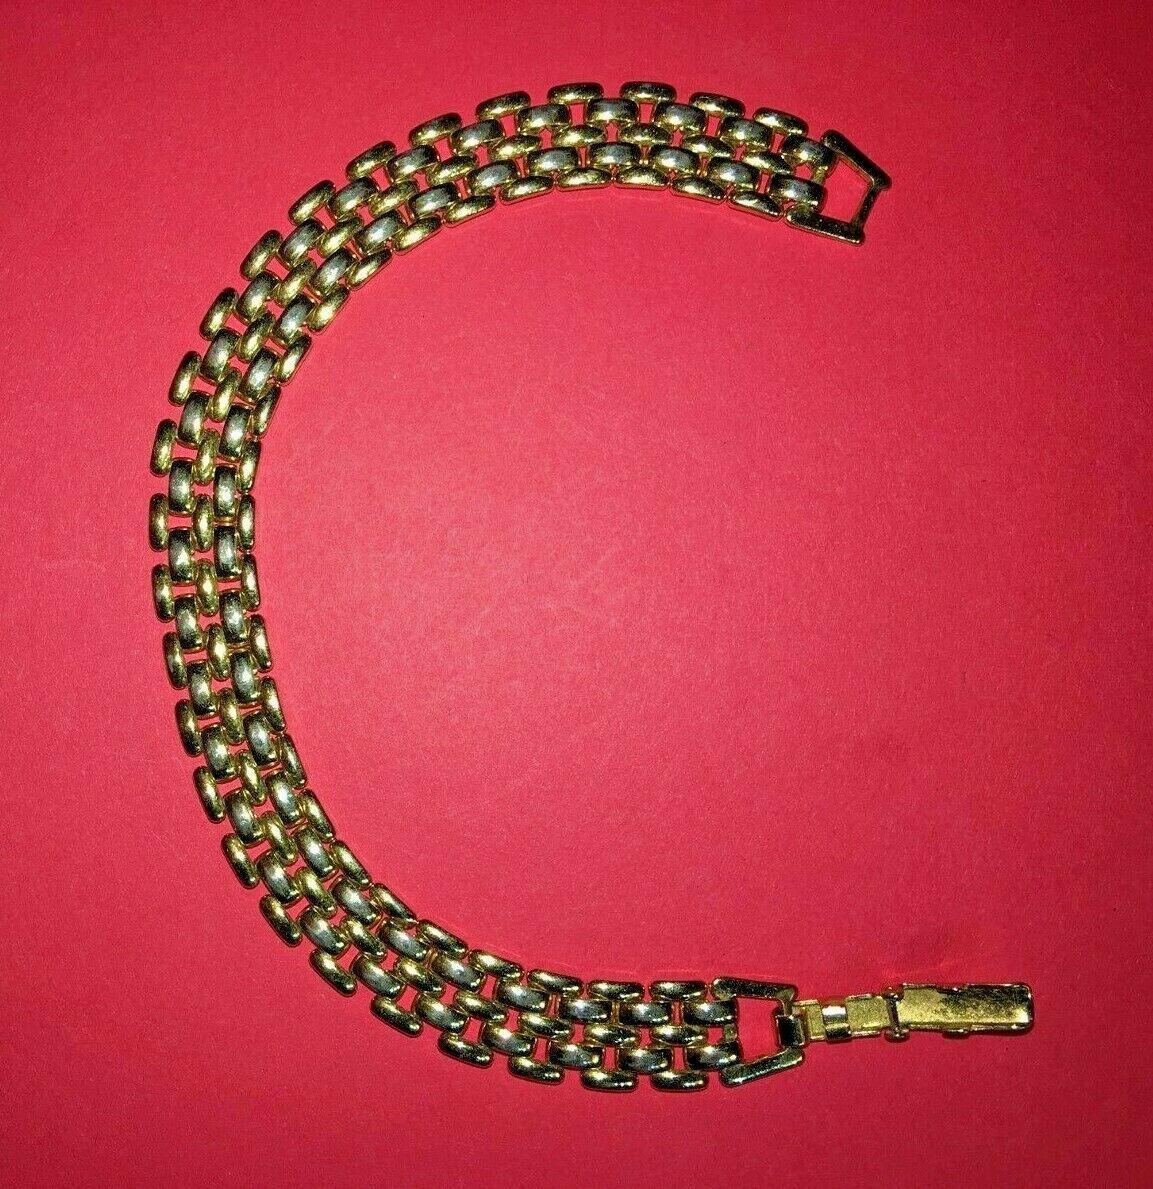 Vintage Avon link bracelet signed gold tone